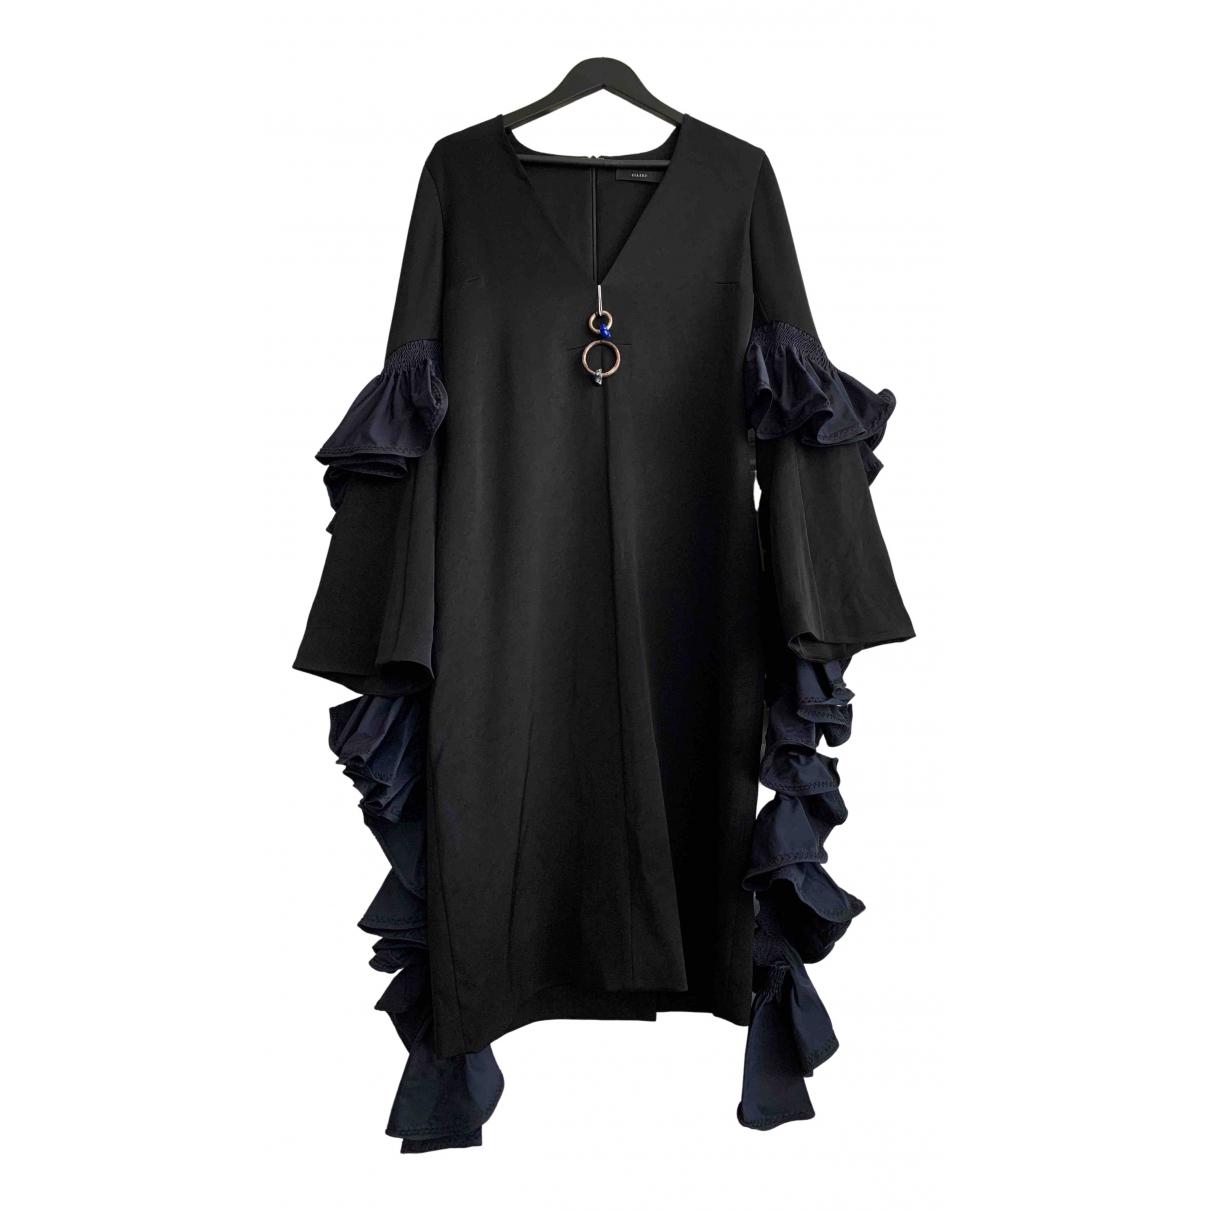 Ellery \N Kleid in  Schwarz Polyester